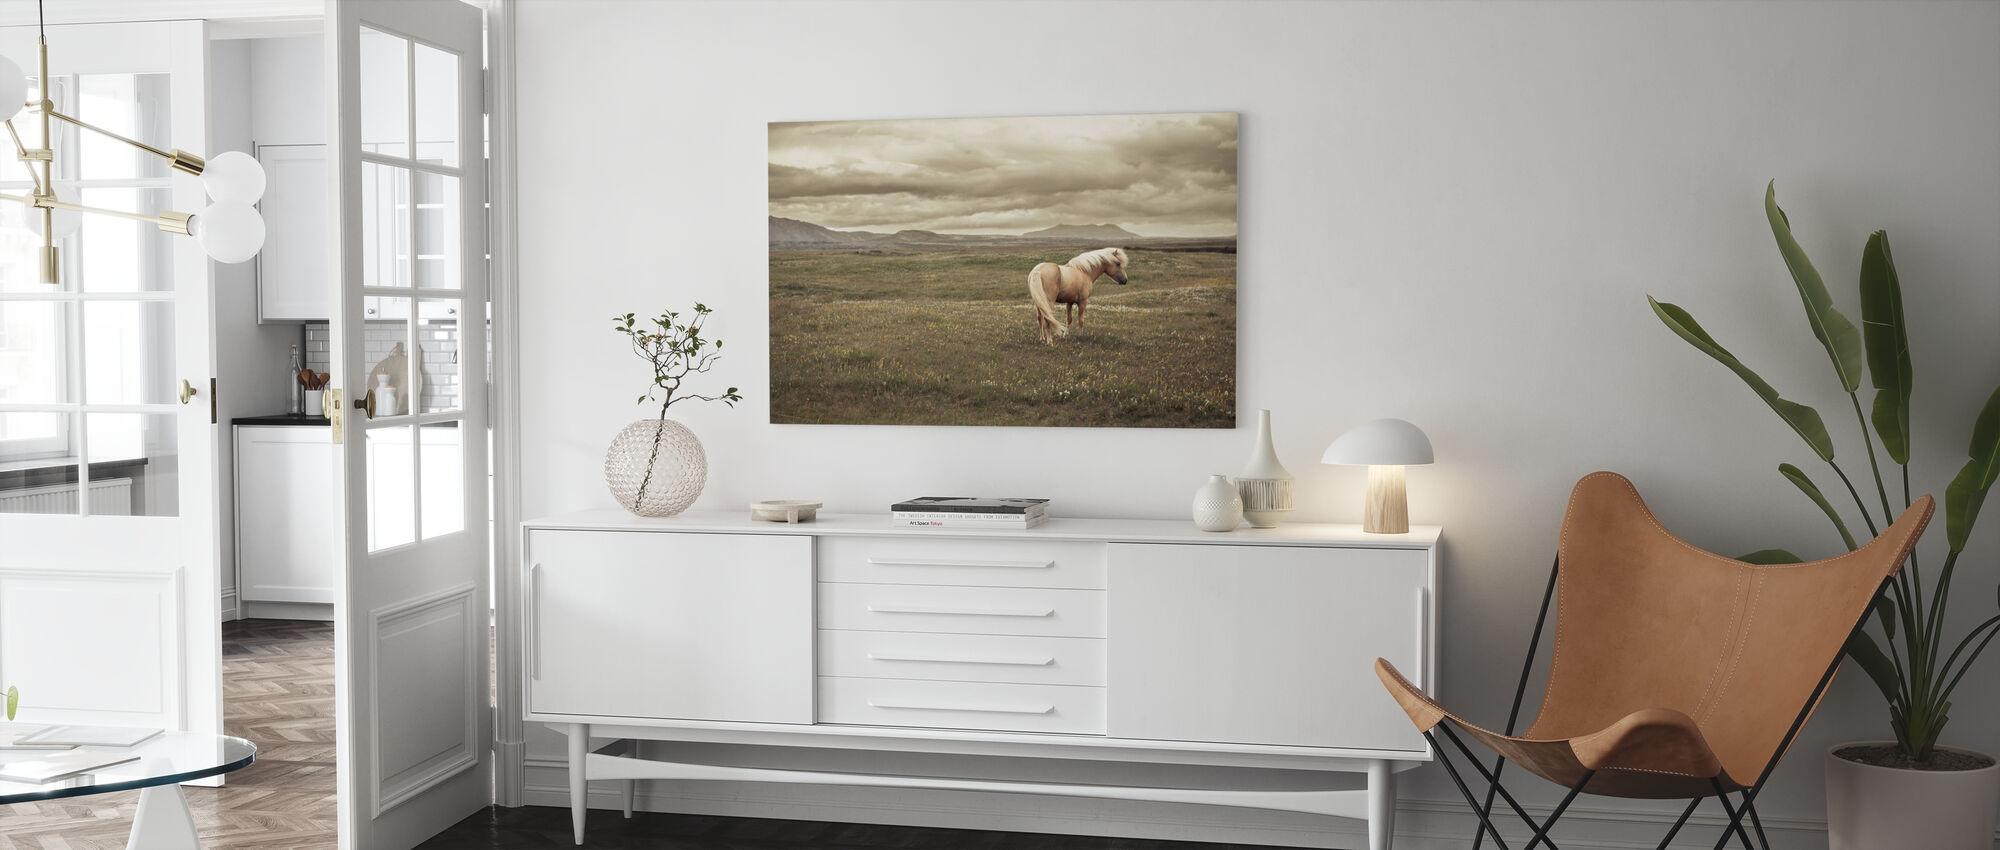 Cavallo islandese - Stampa su tela - Salotto